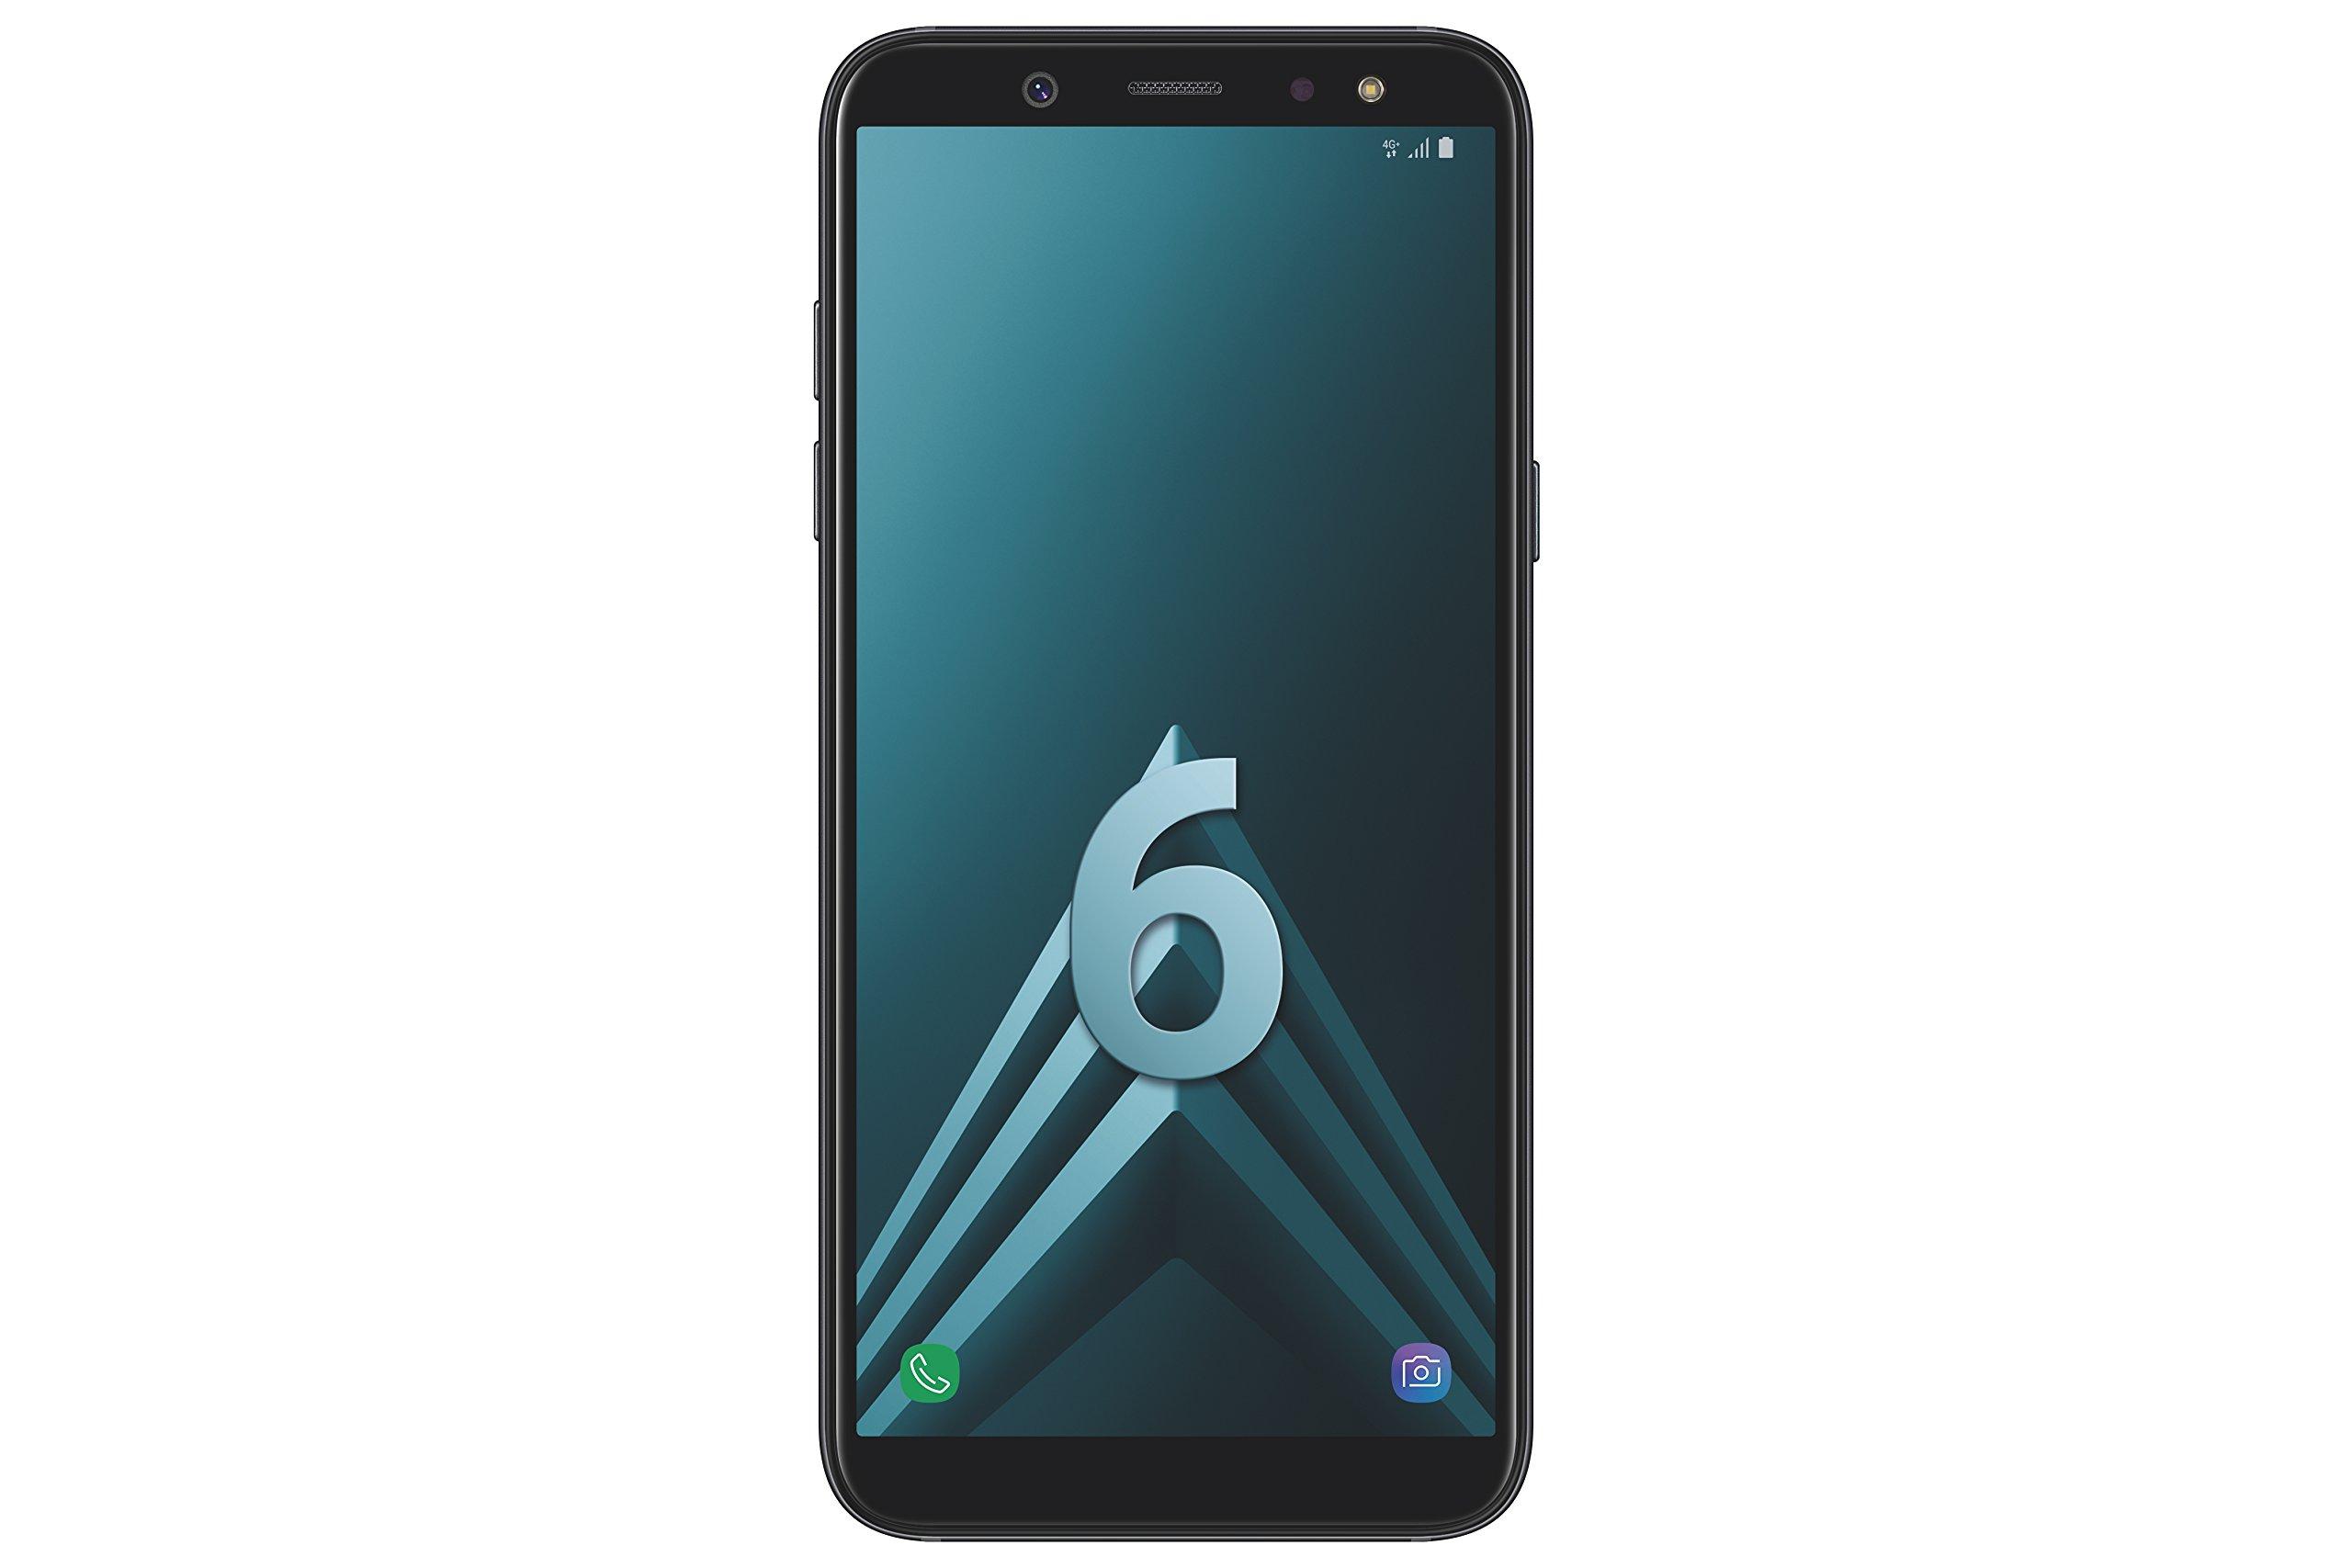 Samsung Galaxy A6 14,2 cm (5.6